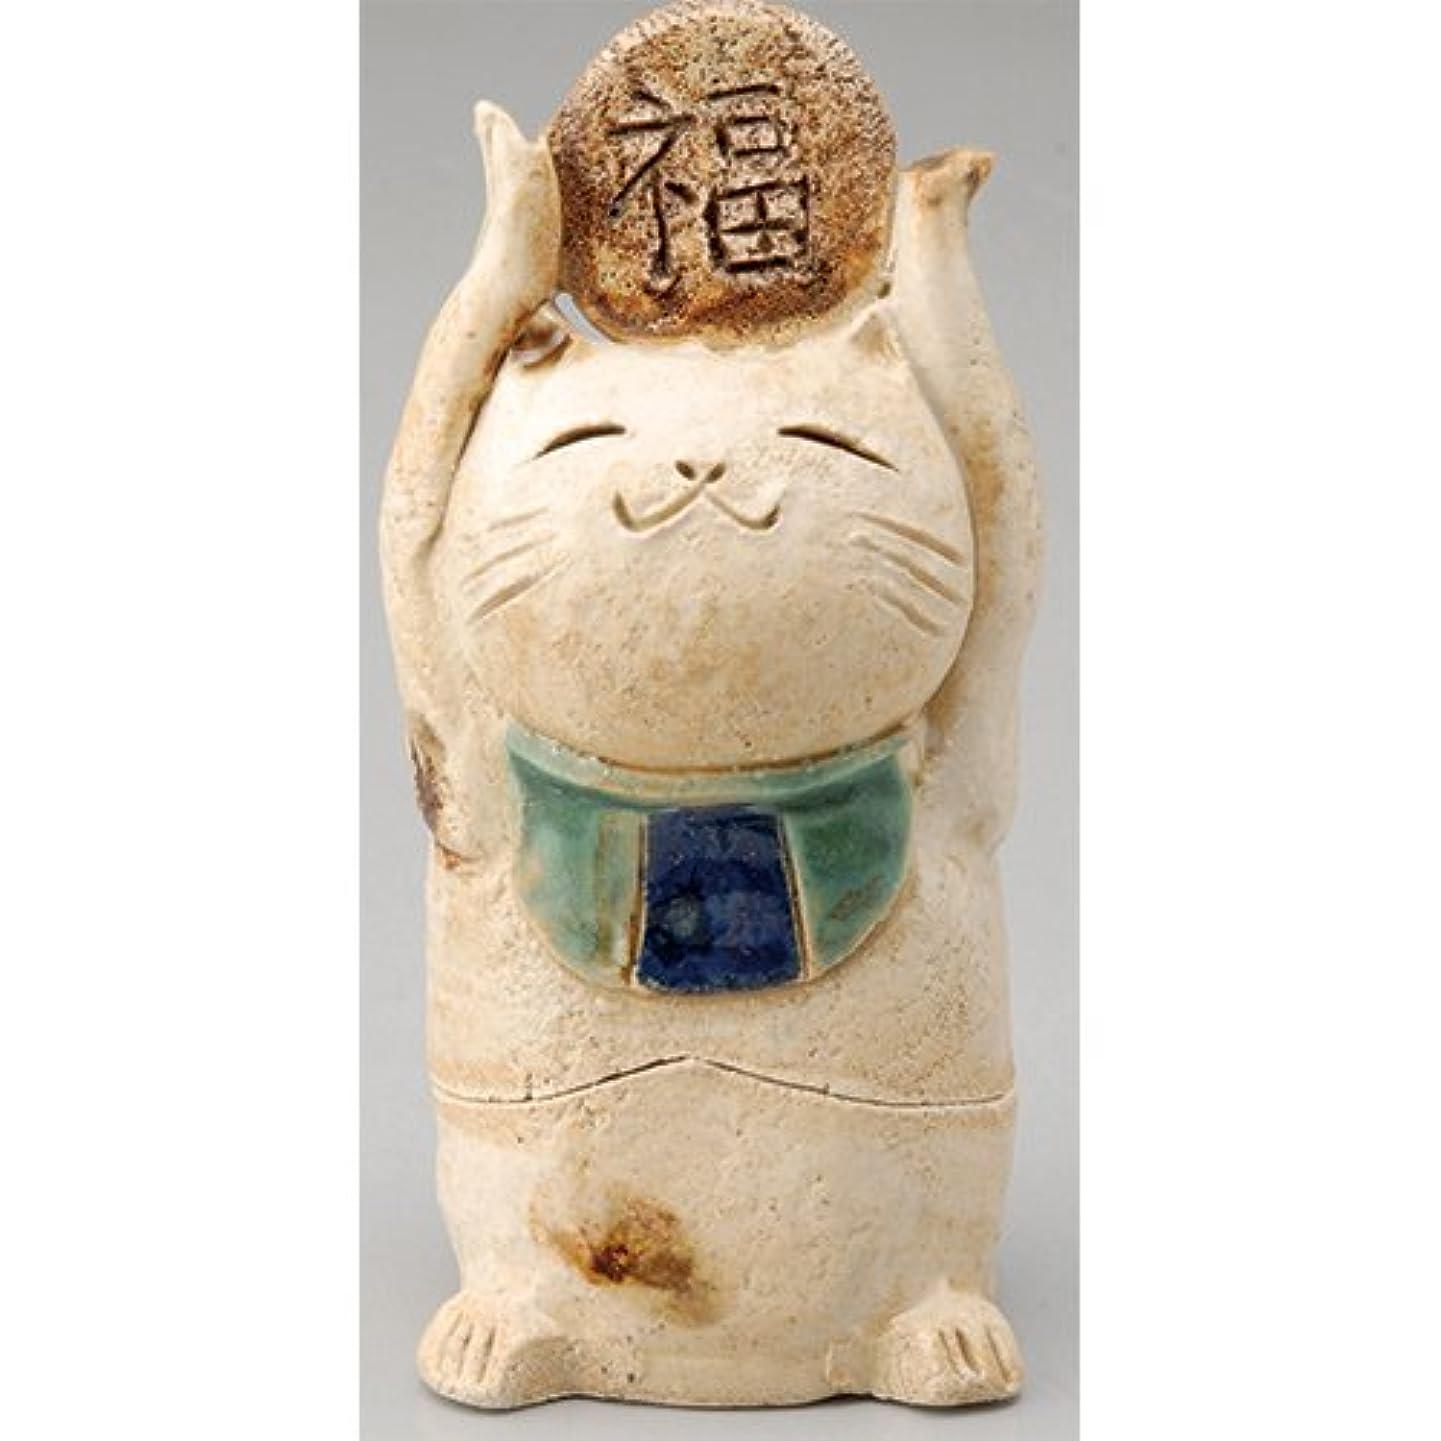 スポーツの試合を担当している人飼い慣らす協力的香炉 ごえん猫 香炉(福) [H10cm] HANDMADE プレゼント ギフト 和食器 かわいい インテリア